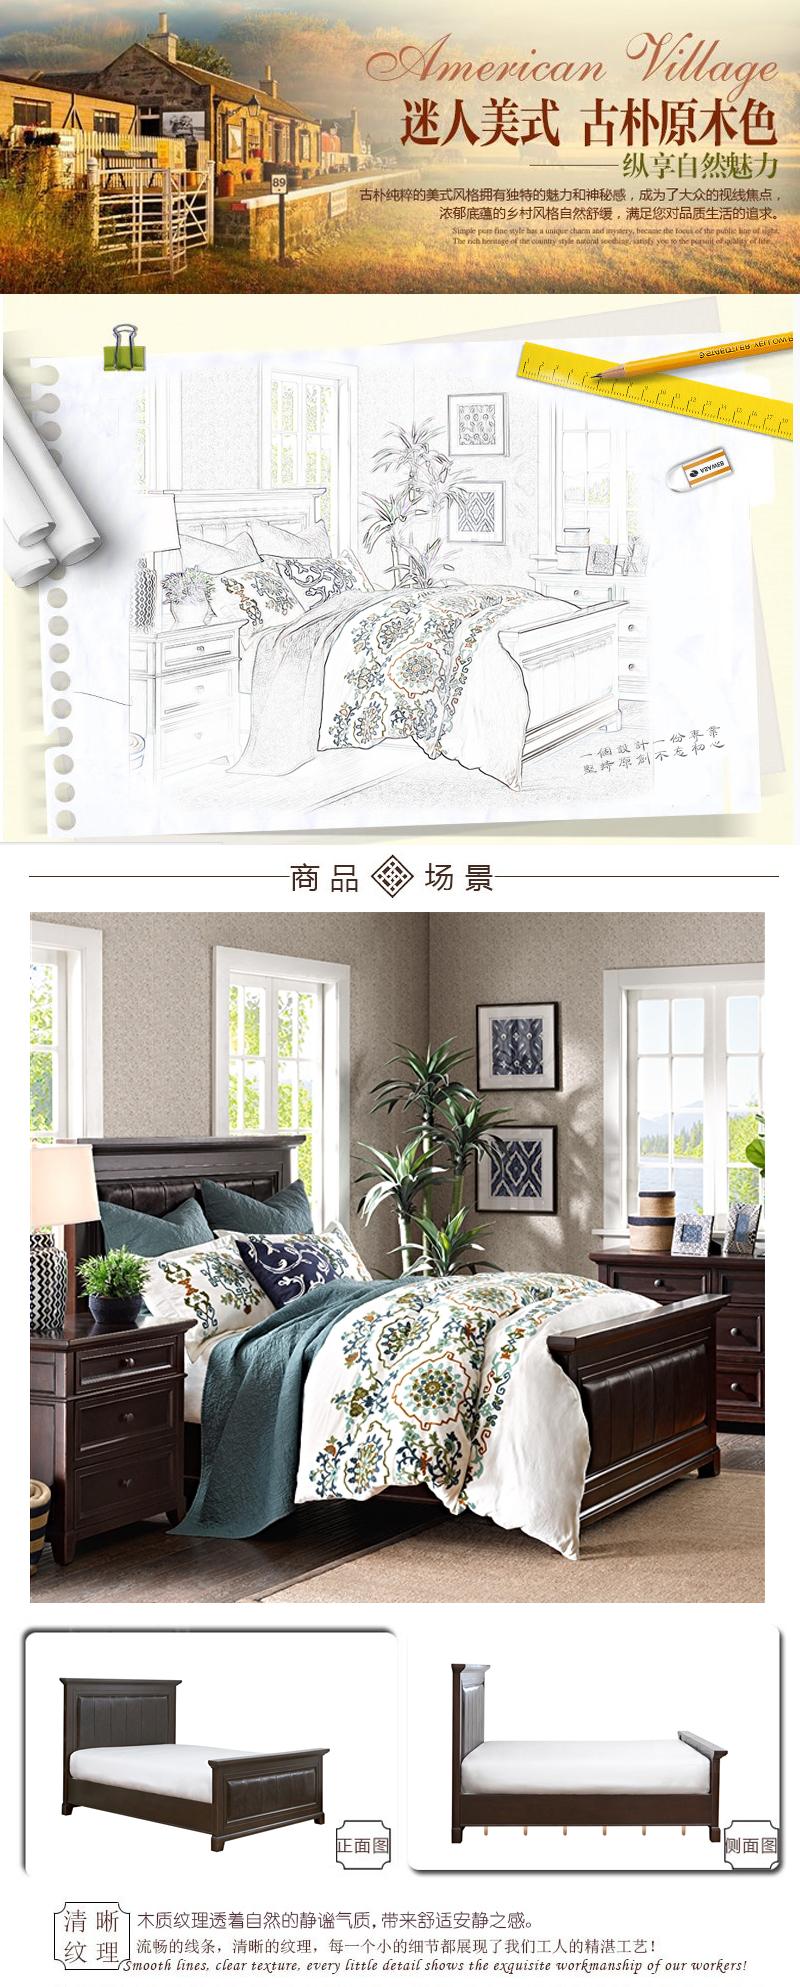 勃朗特系列 美式深色黄杨木卧室实木大床SSSN1817L